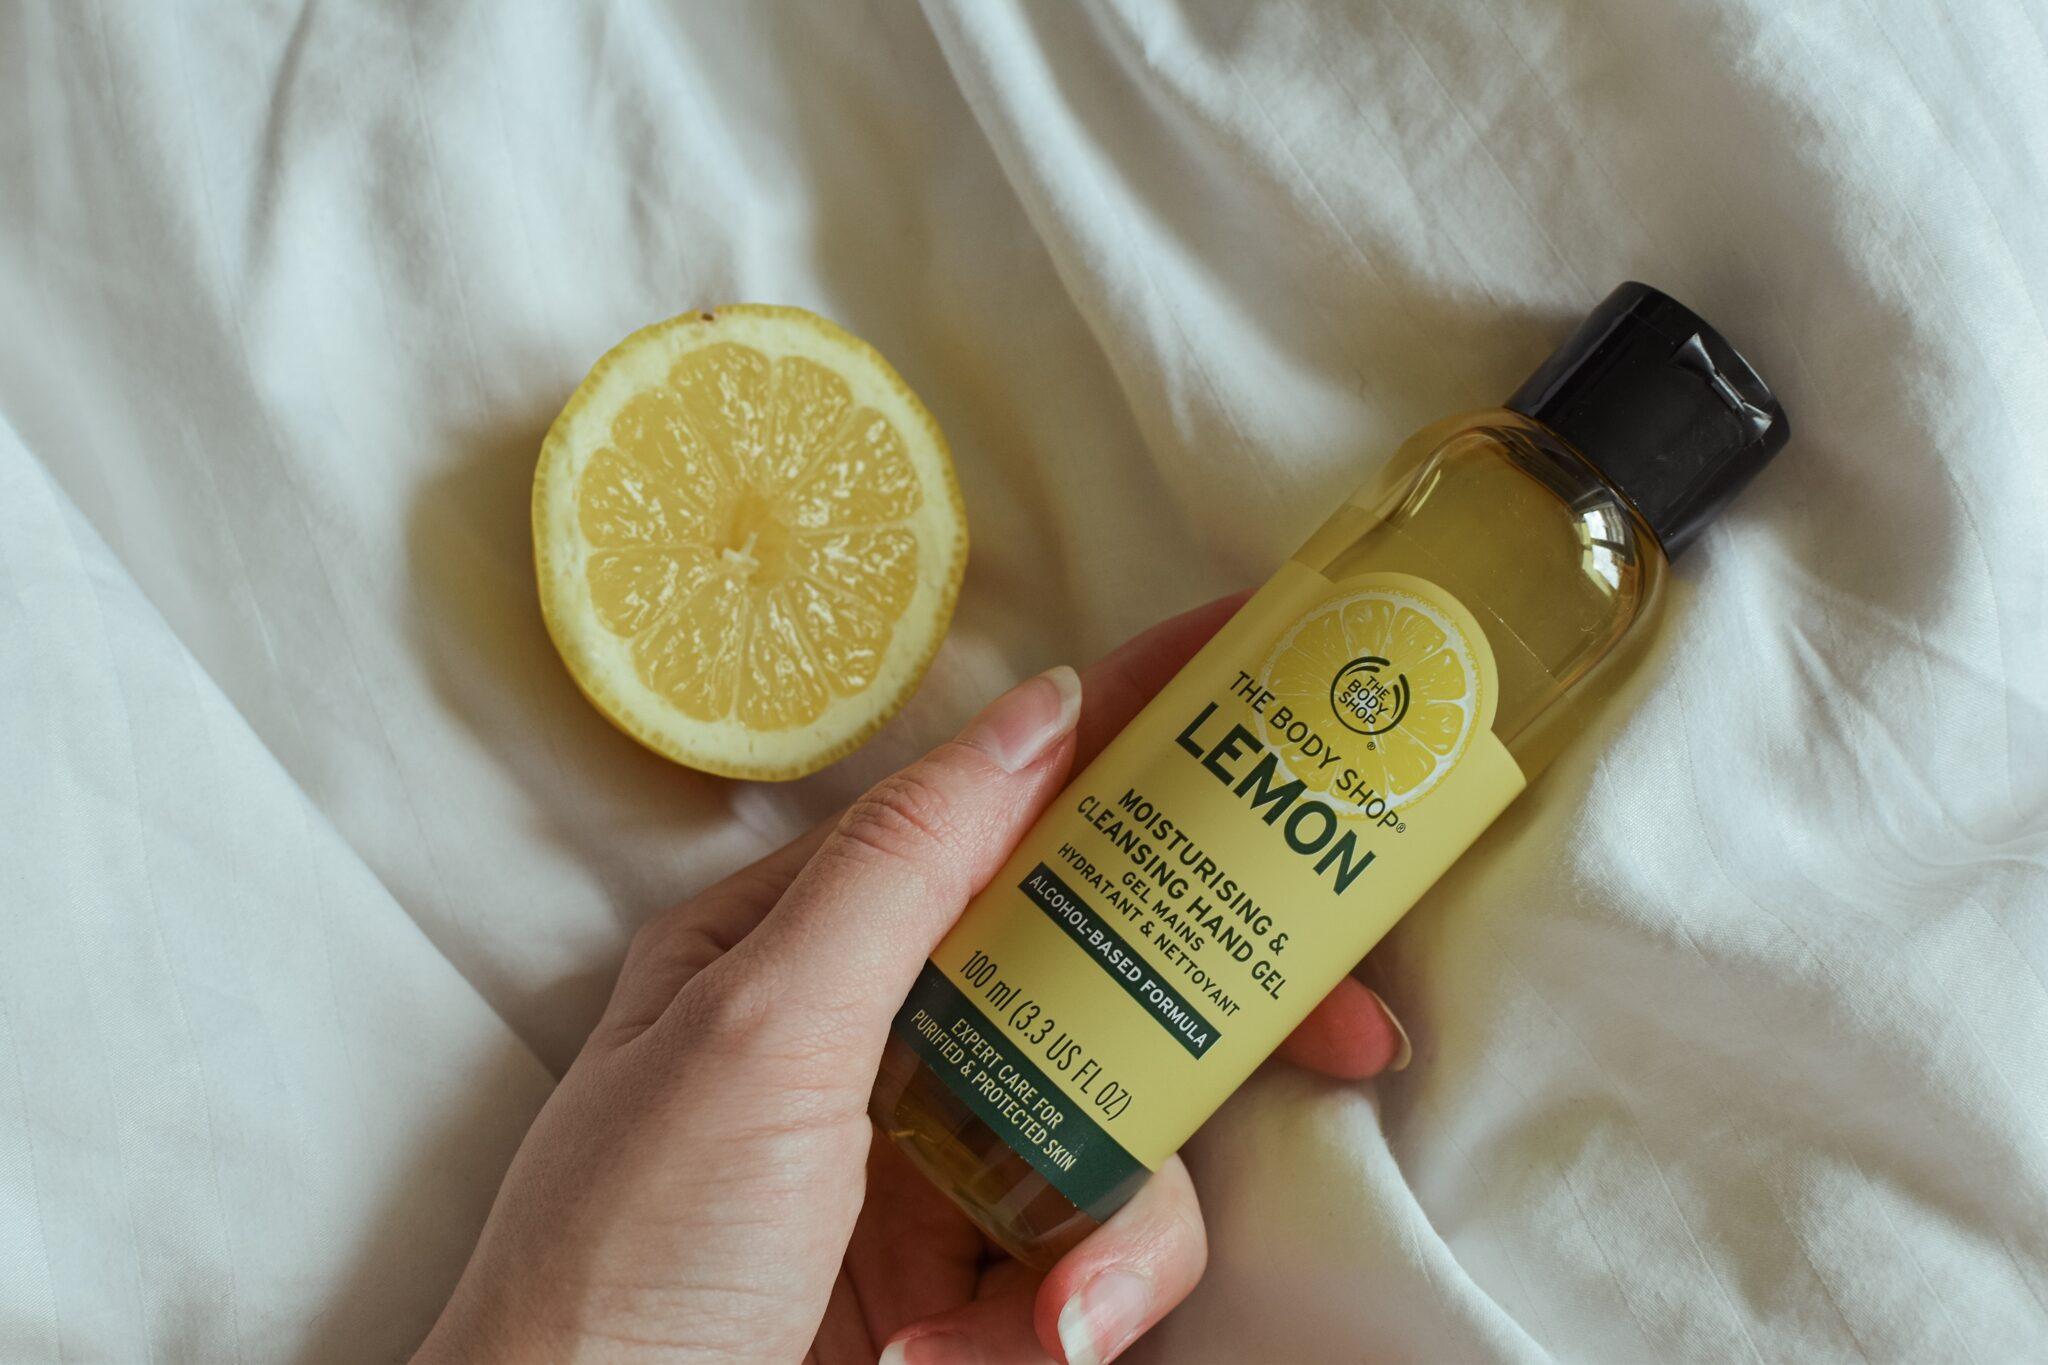 The Body Shop - Lemon Moisturising & Cleansing Handgel